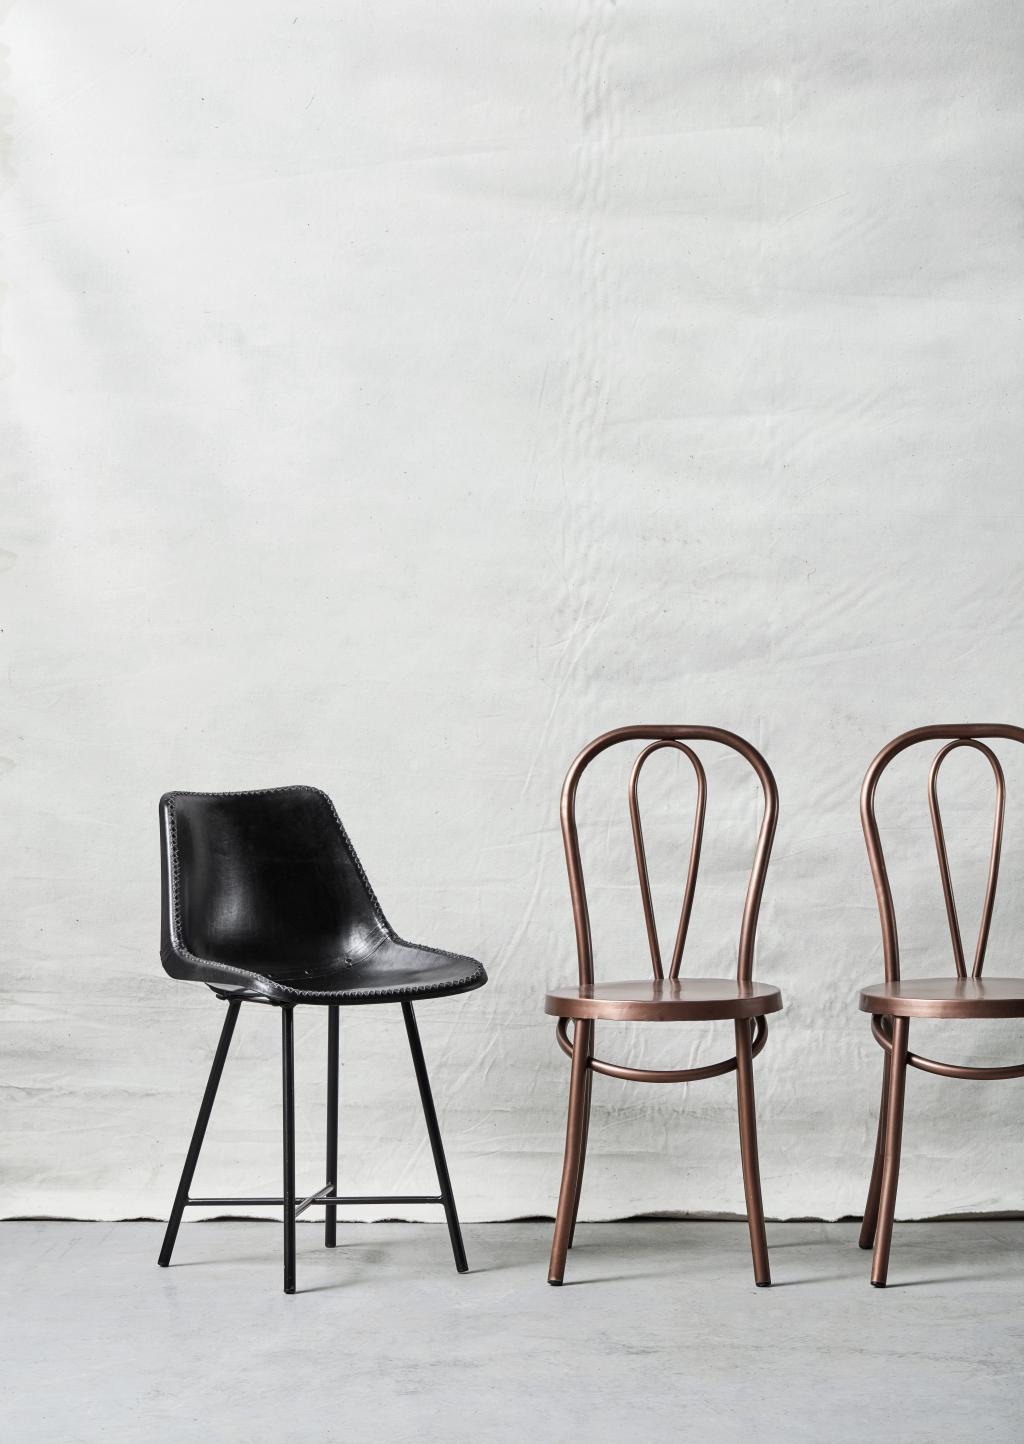 stuhl leder schwarz 79x50 cm nordal kaufen wohn und lifestylewebshop. Black Bedroom Furniture Sets. Home Design Ideas